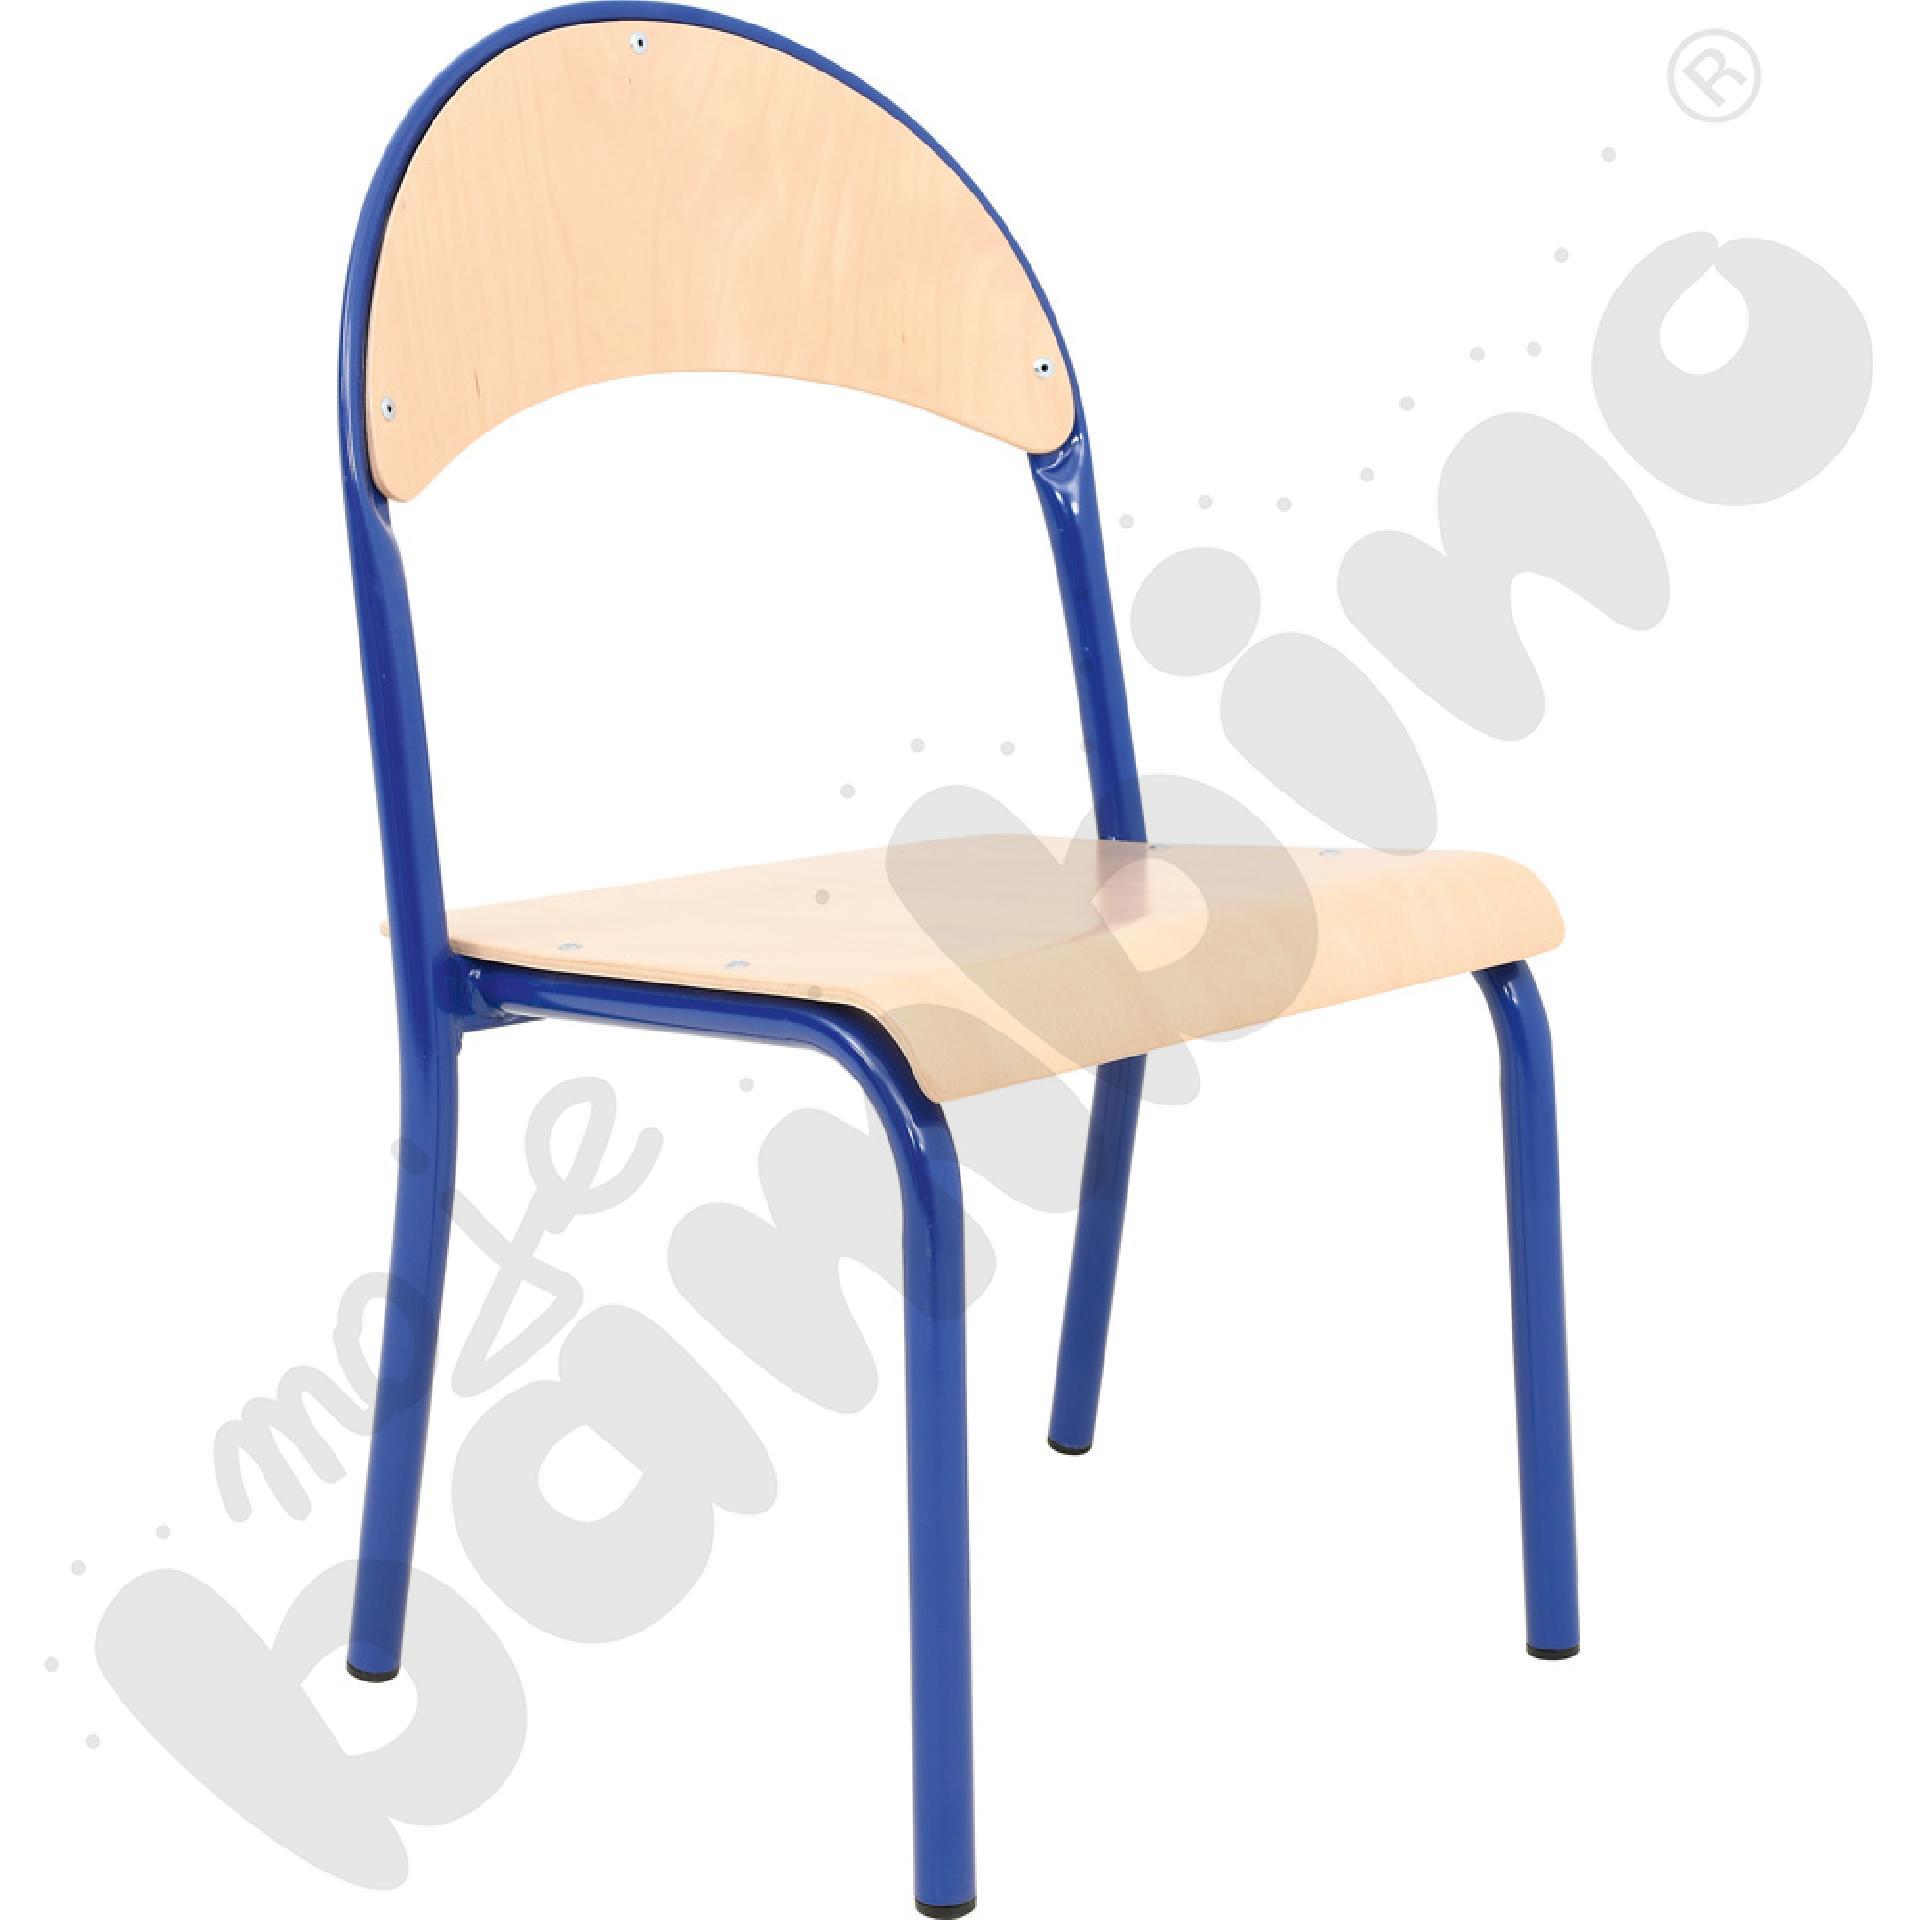 Krzesło P rozm. 1 niebieskie